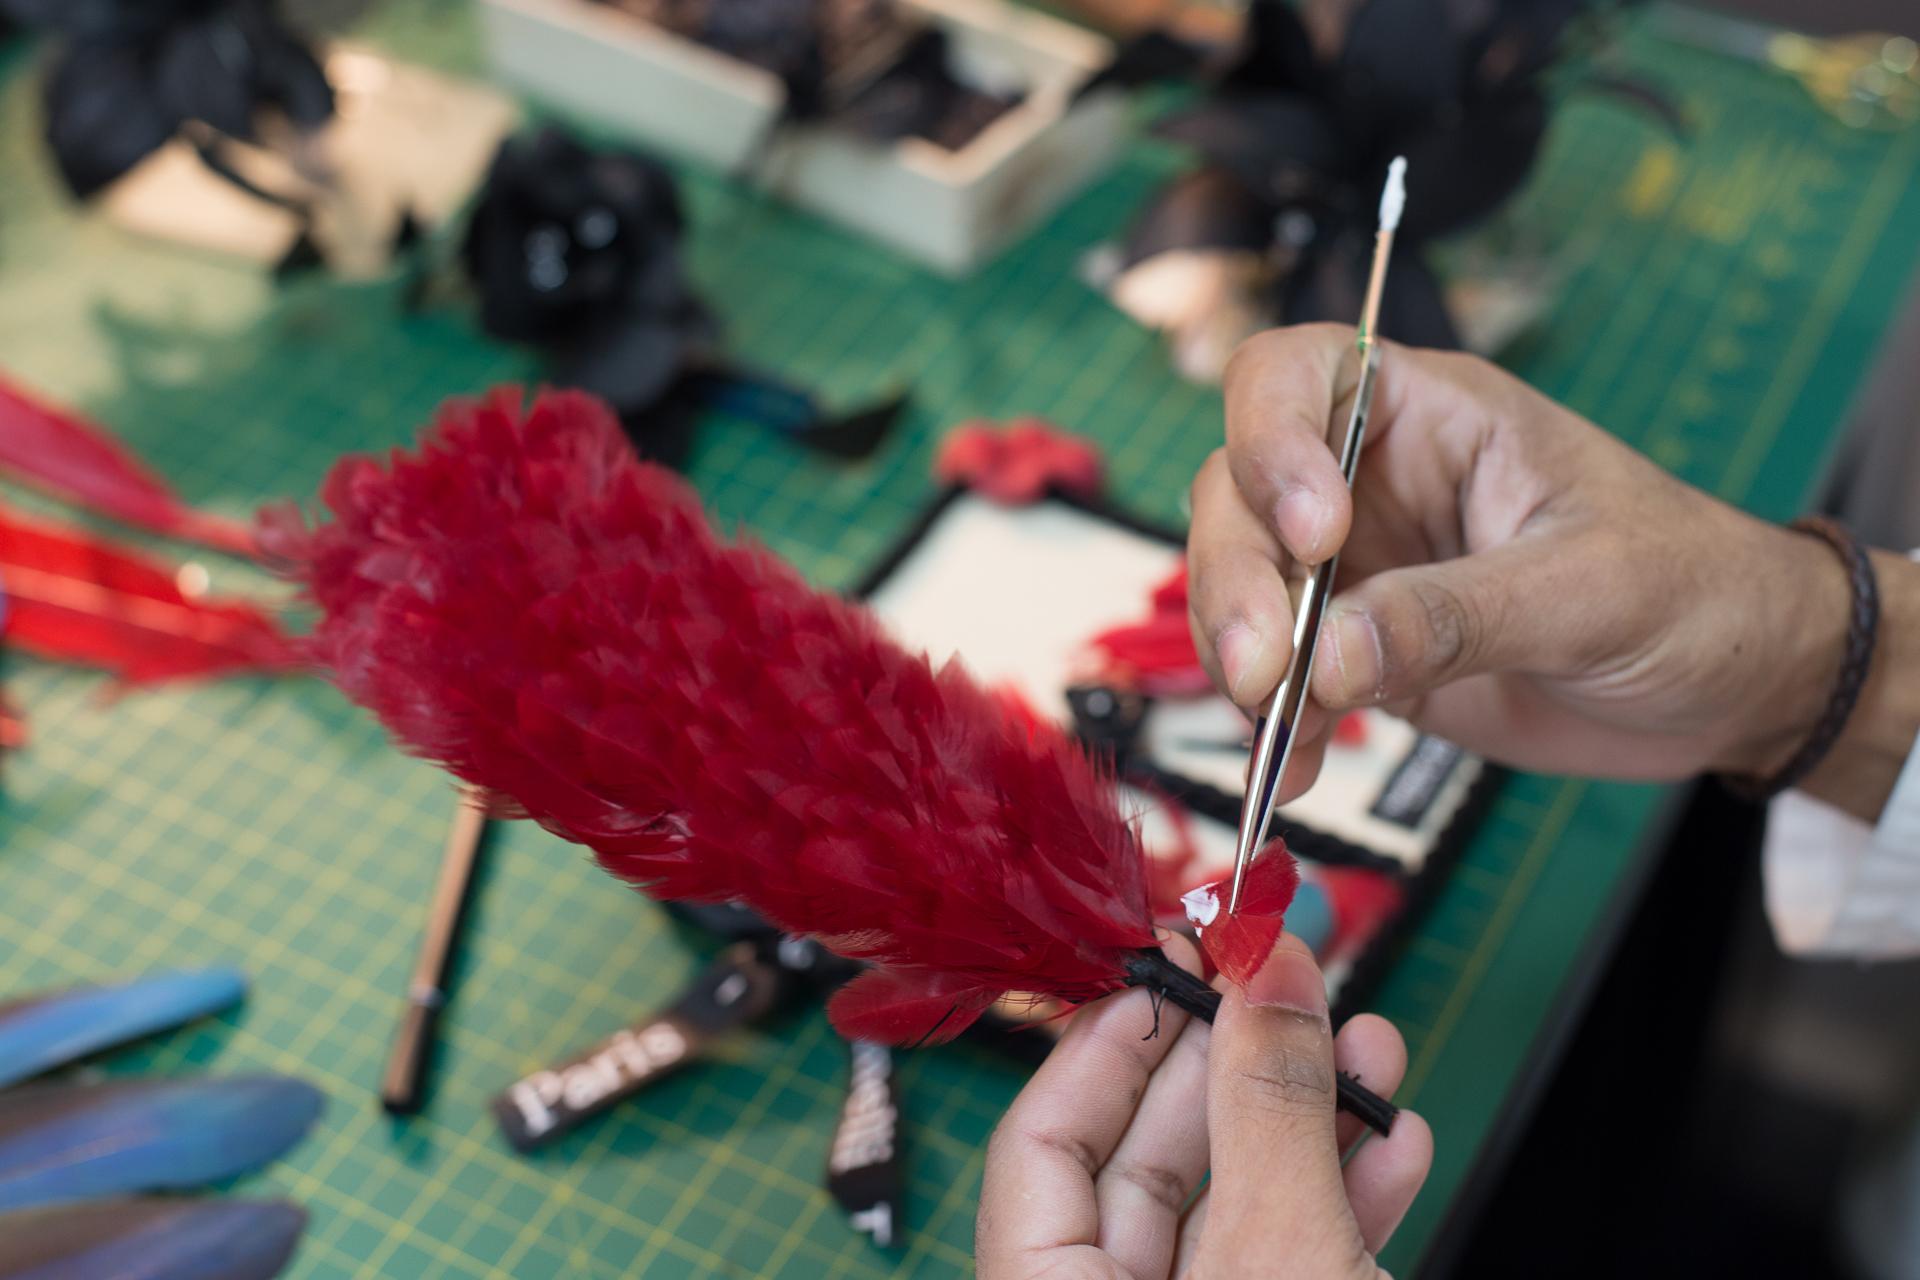 atelier-broderie-plumasserie-127.jpg